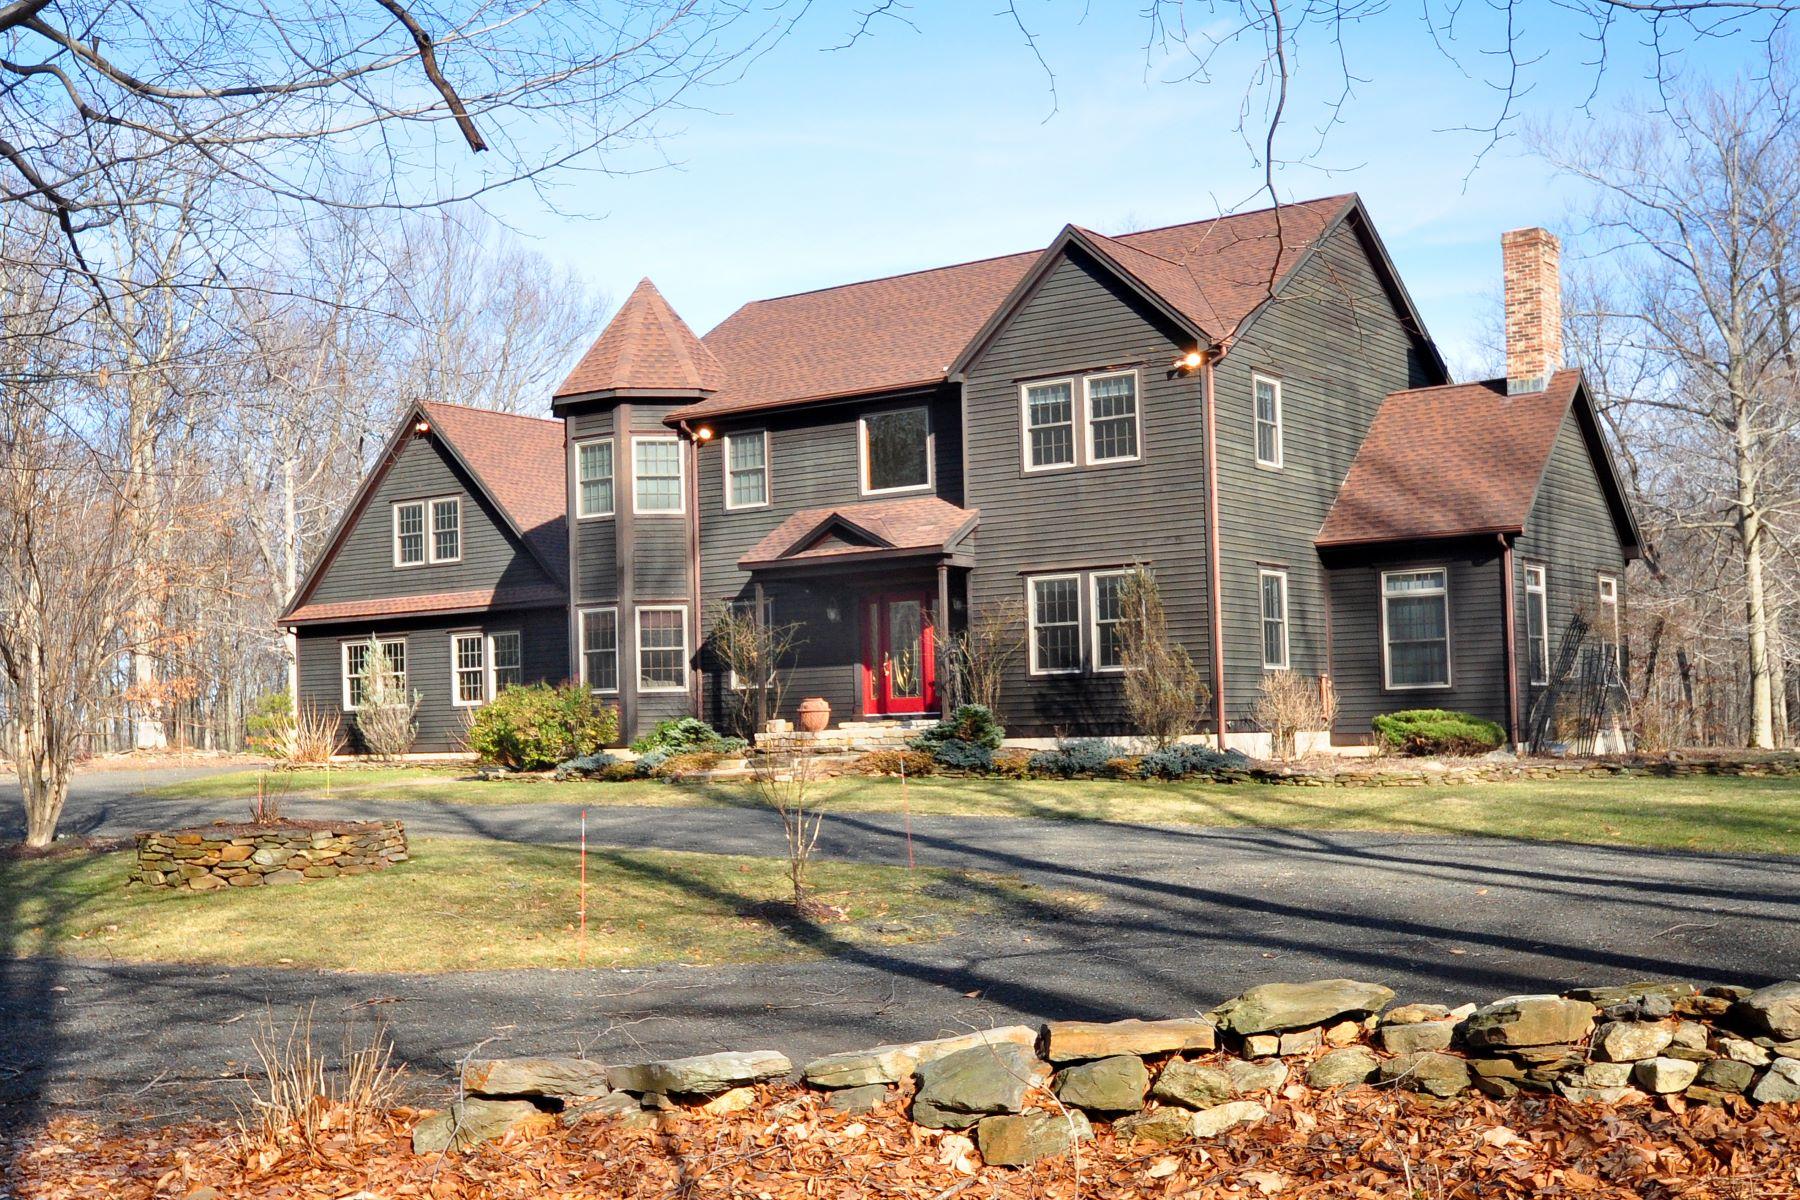 Nhà ở một gia đình vì Bán tại 4000 Sq. Ft Home Plus 5 Lots 80 Town Line Hwy North Watertown, Connecticut, 06795 Hoa Kỳ